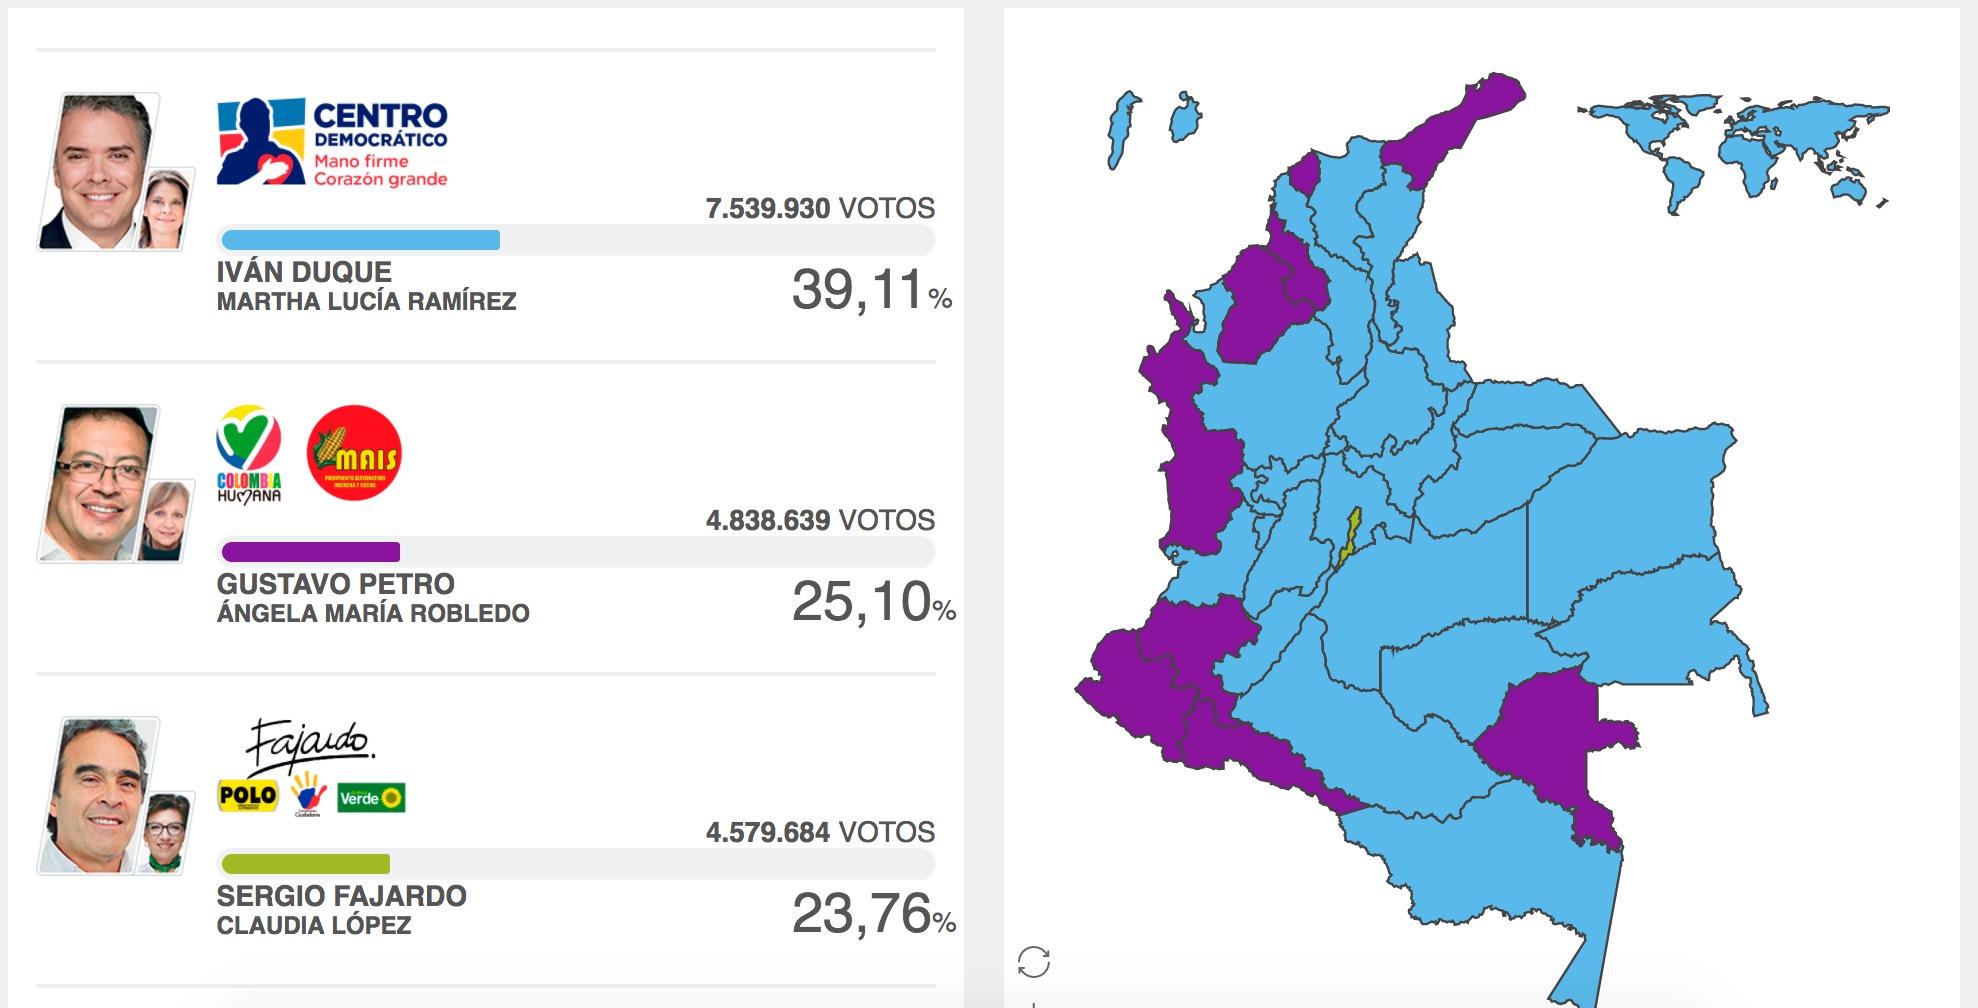 Las elecciones colombianas avanzan con normalidad y buena participación